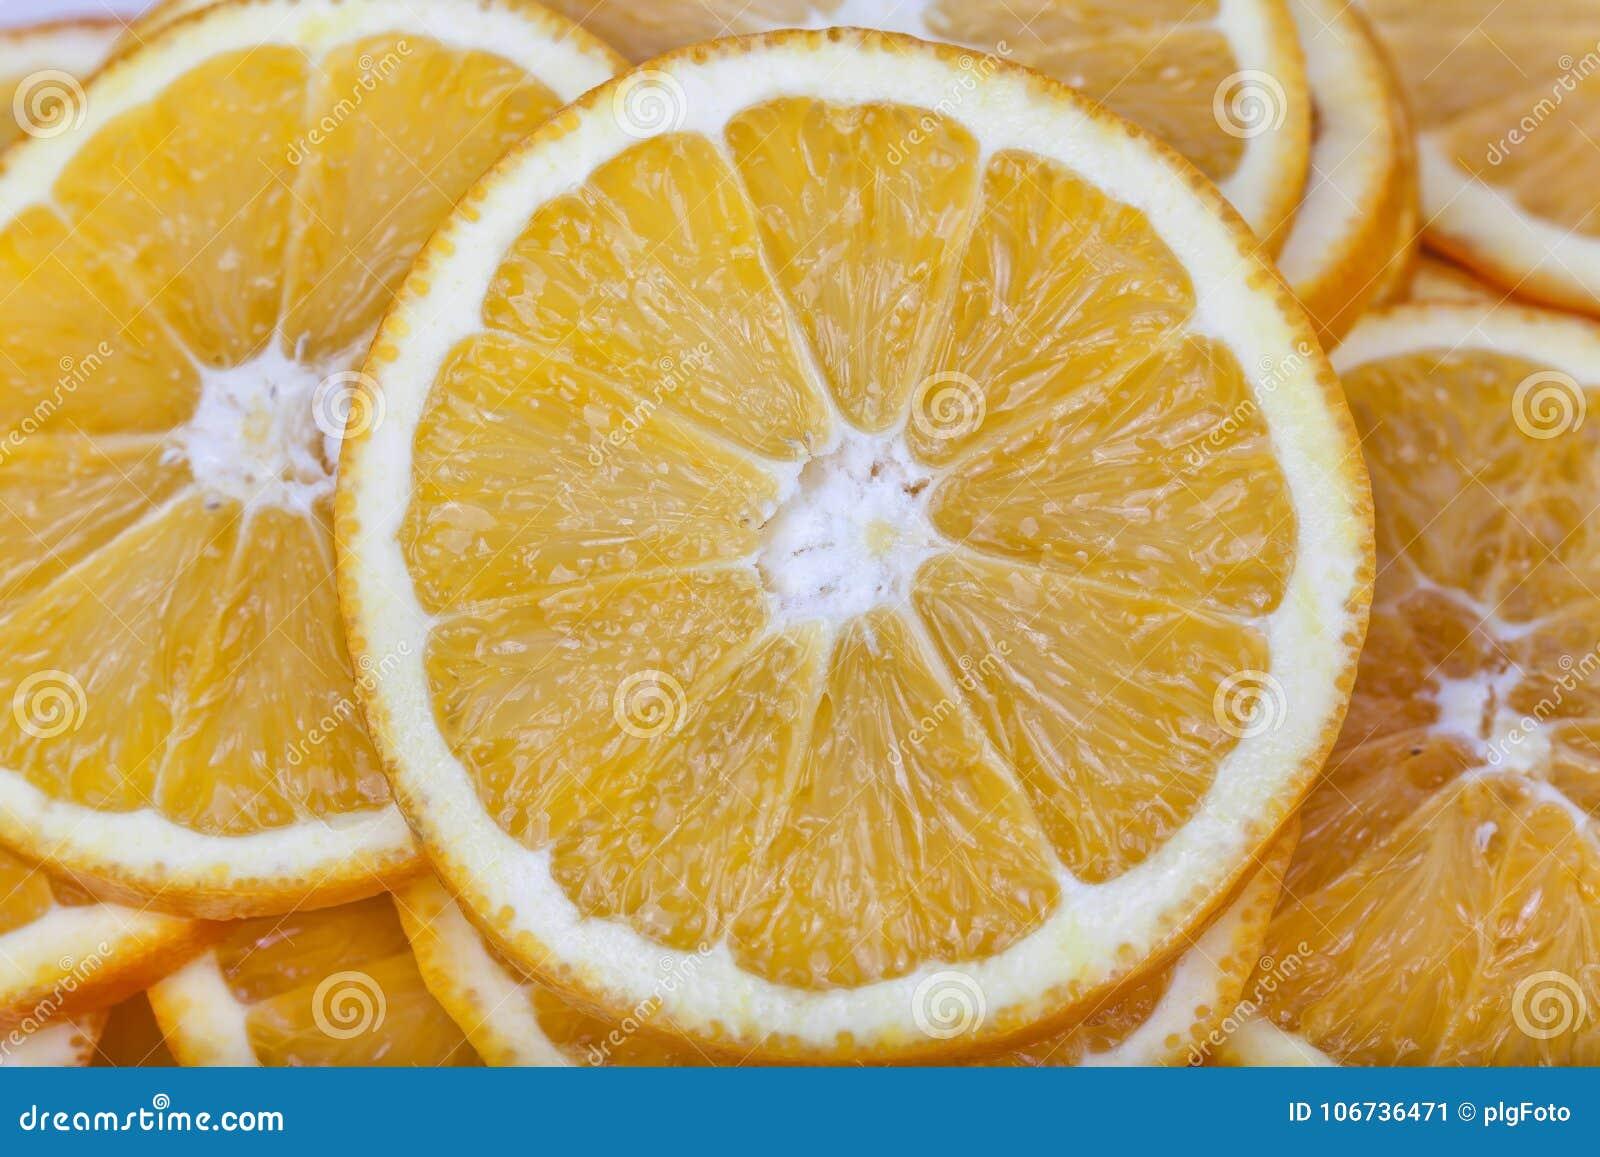 Sinaasappelen zonder pitten in plakken worden gesneden die